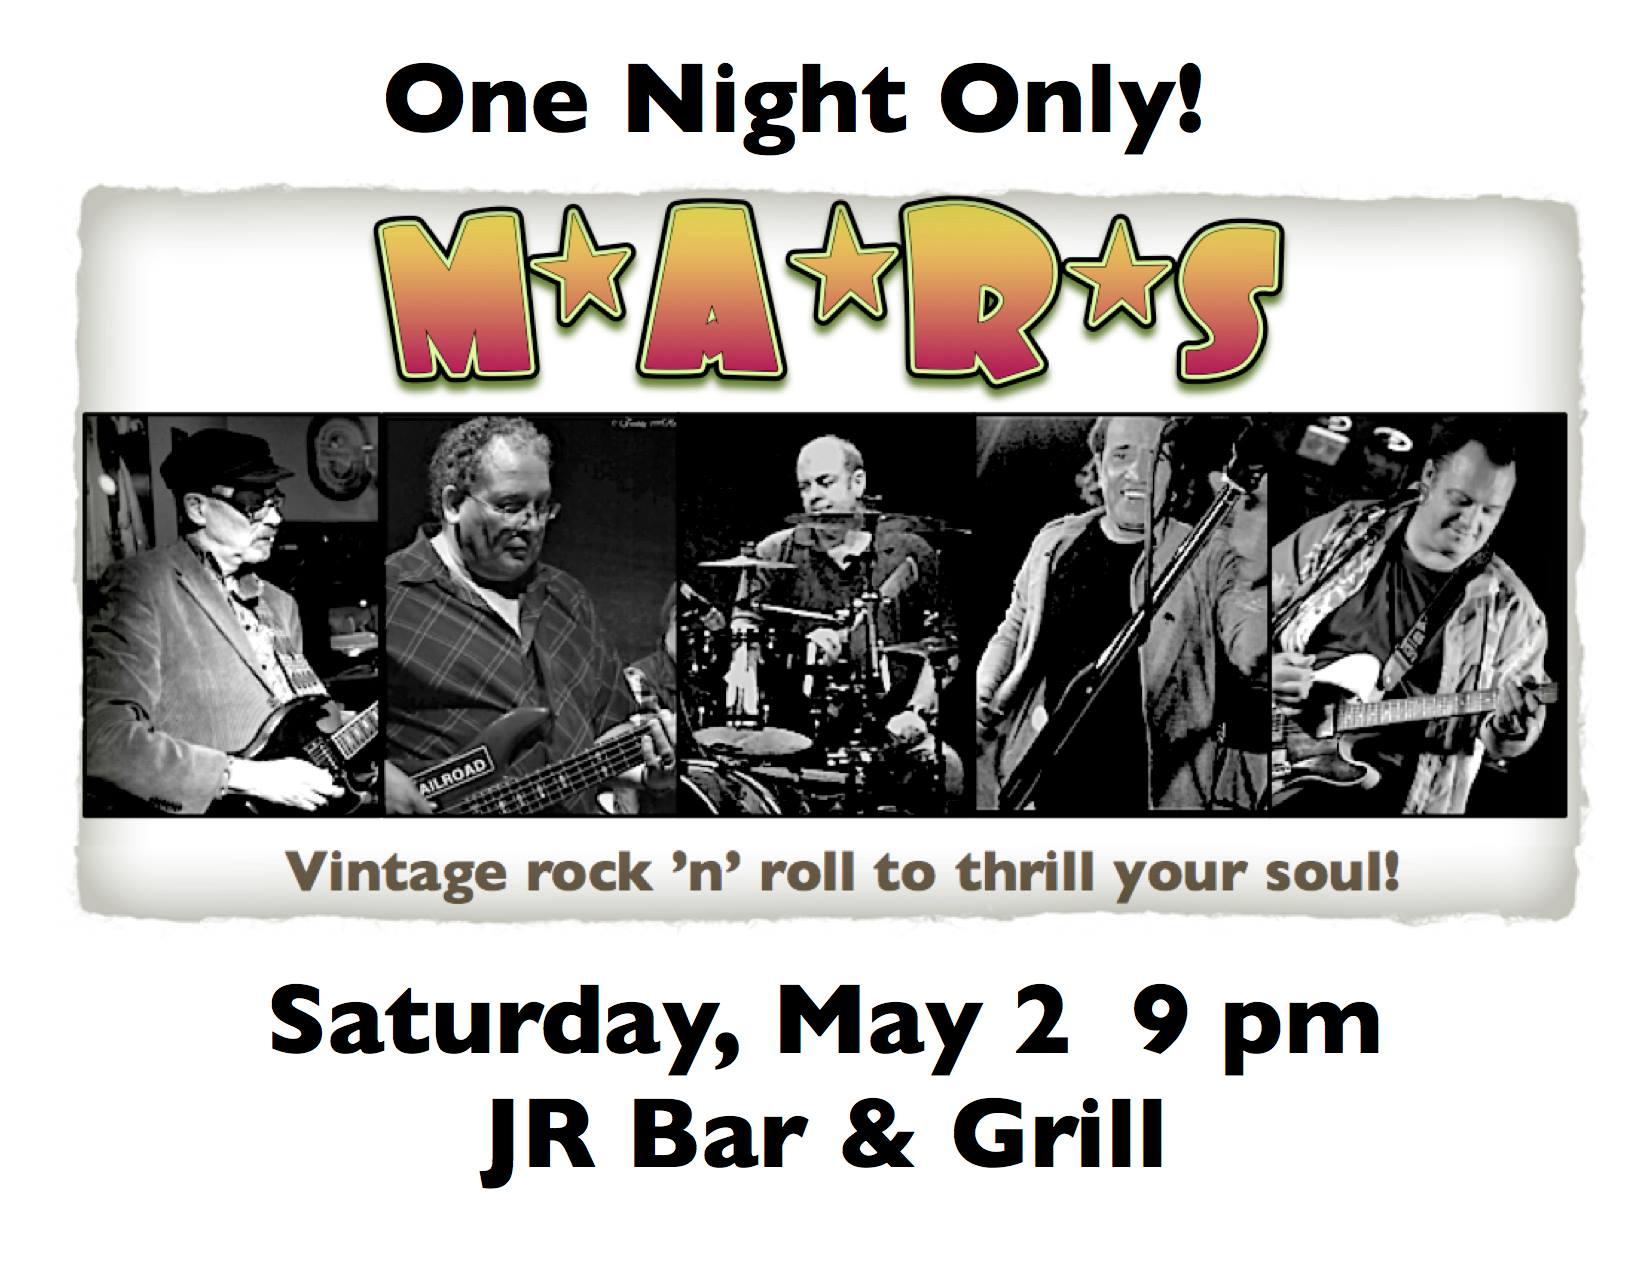 JR Bar & Grill